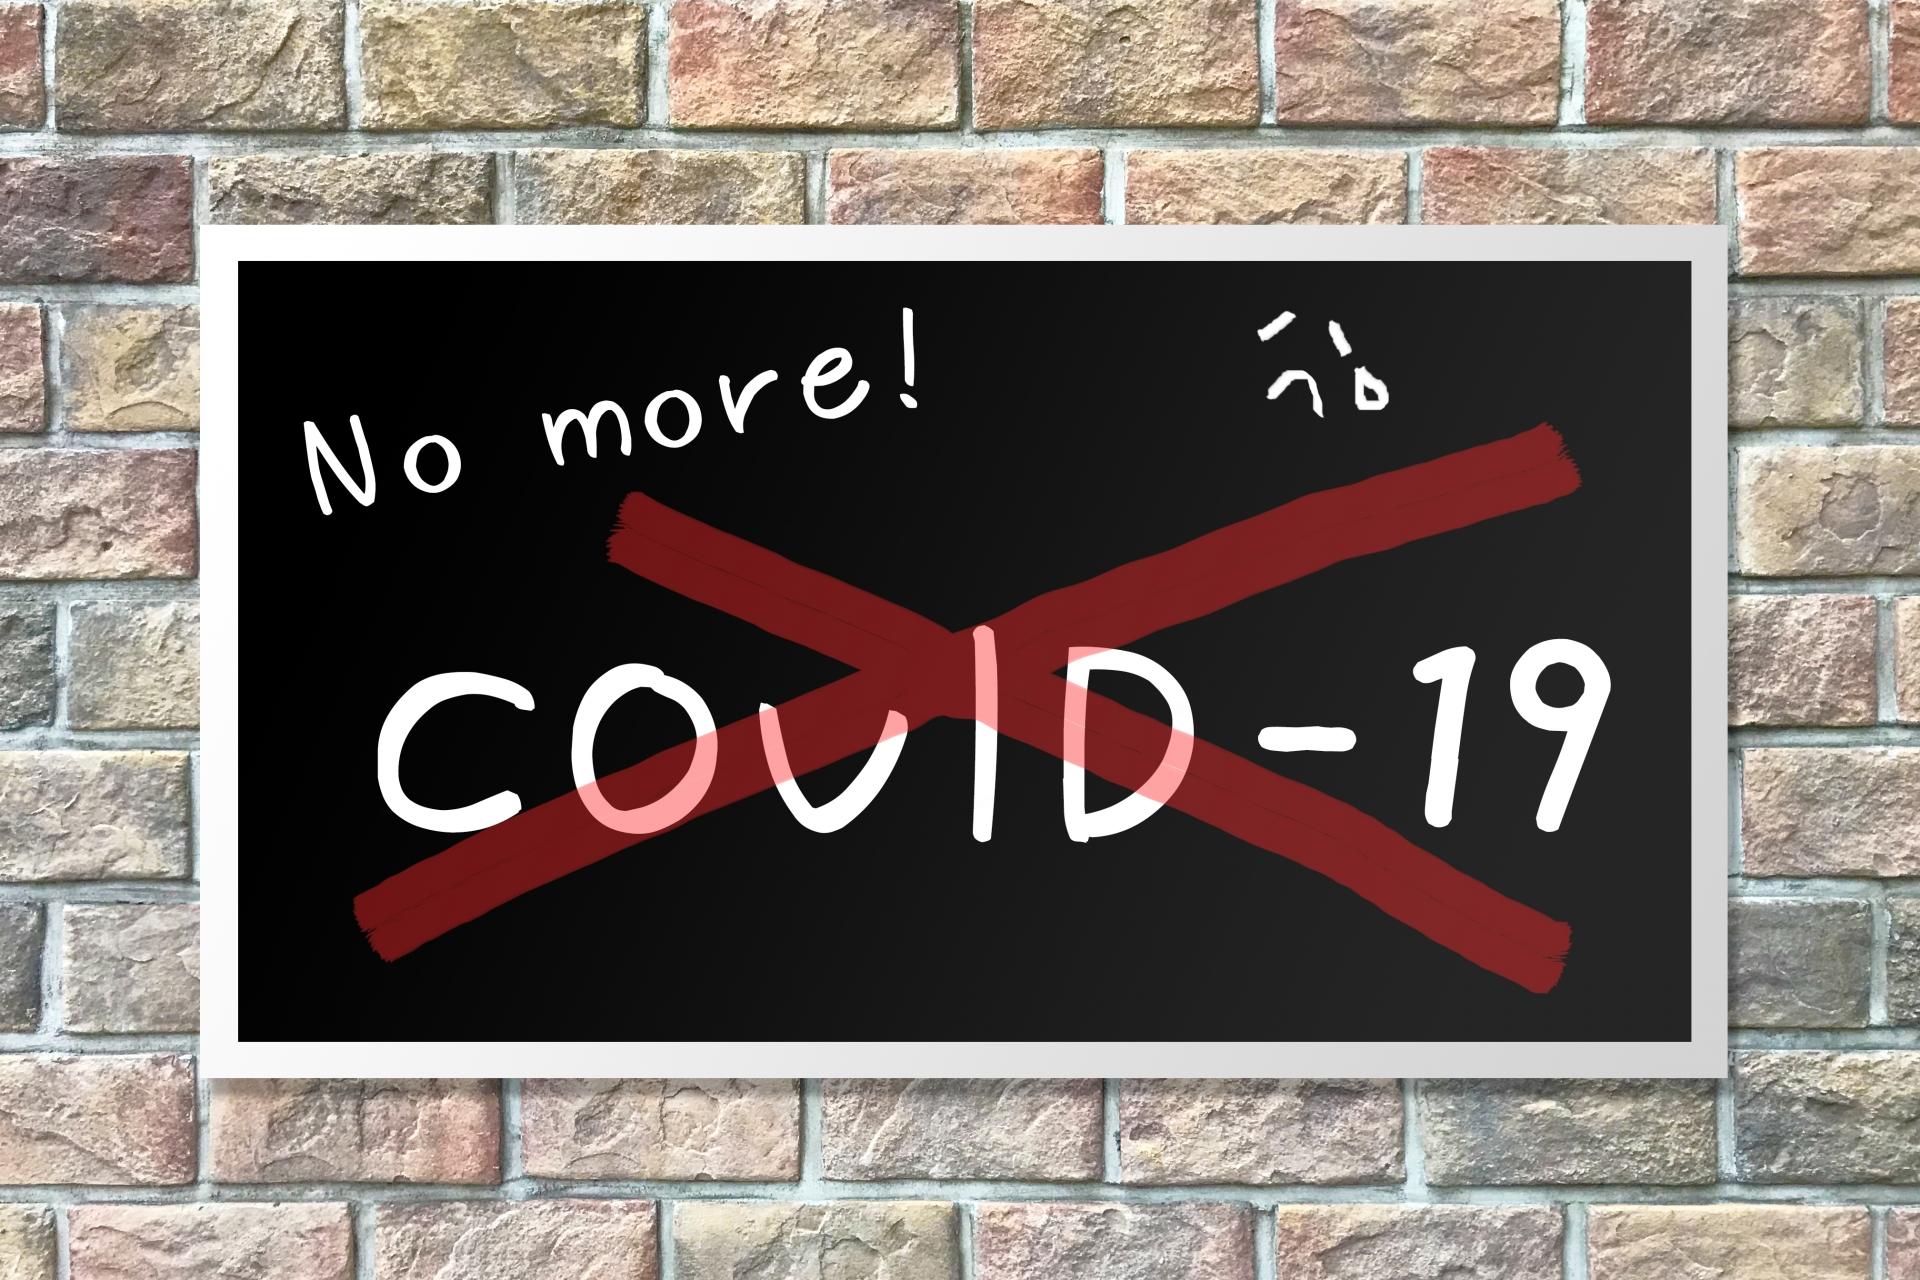 No more!COVID-19